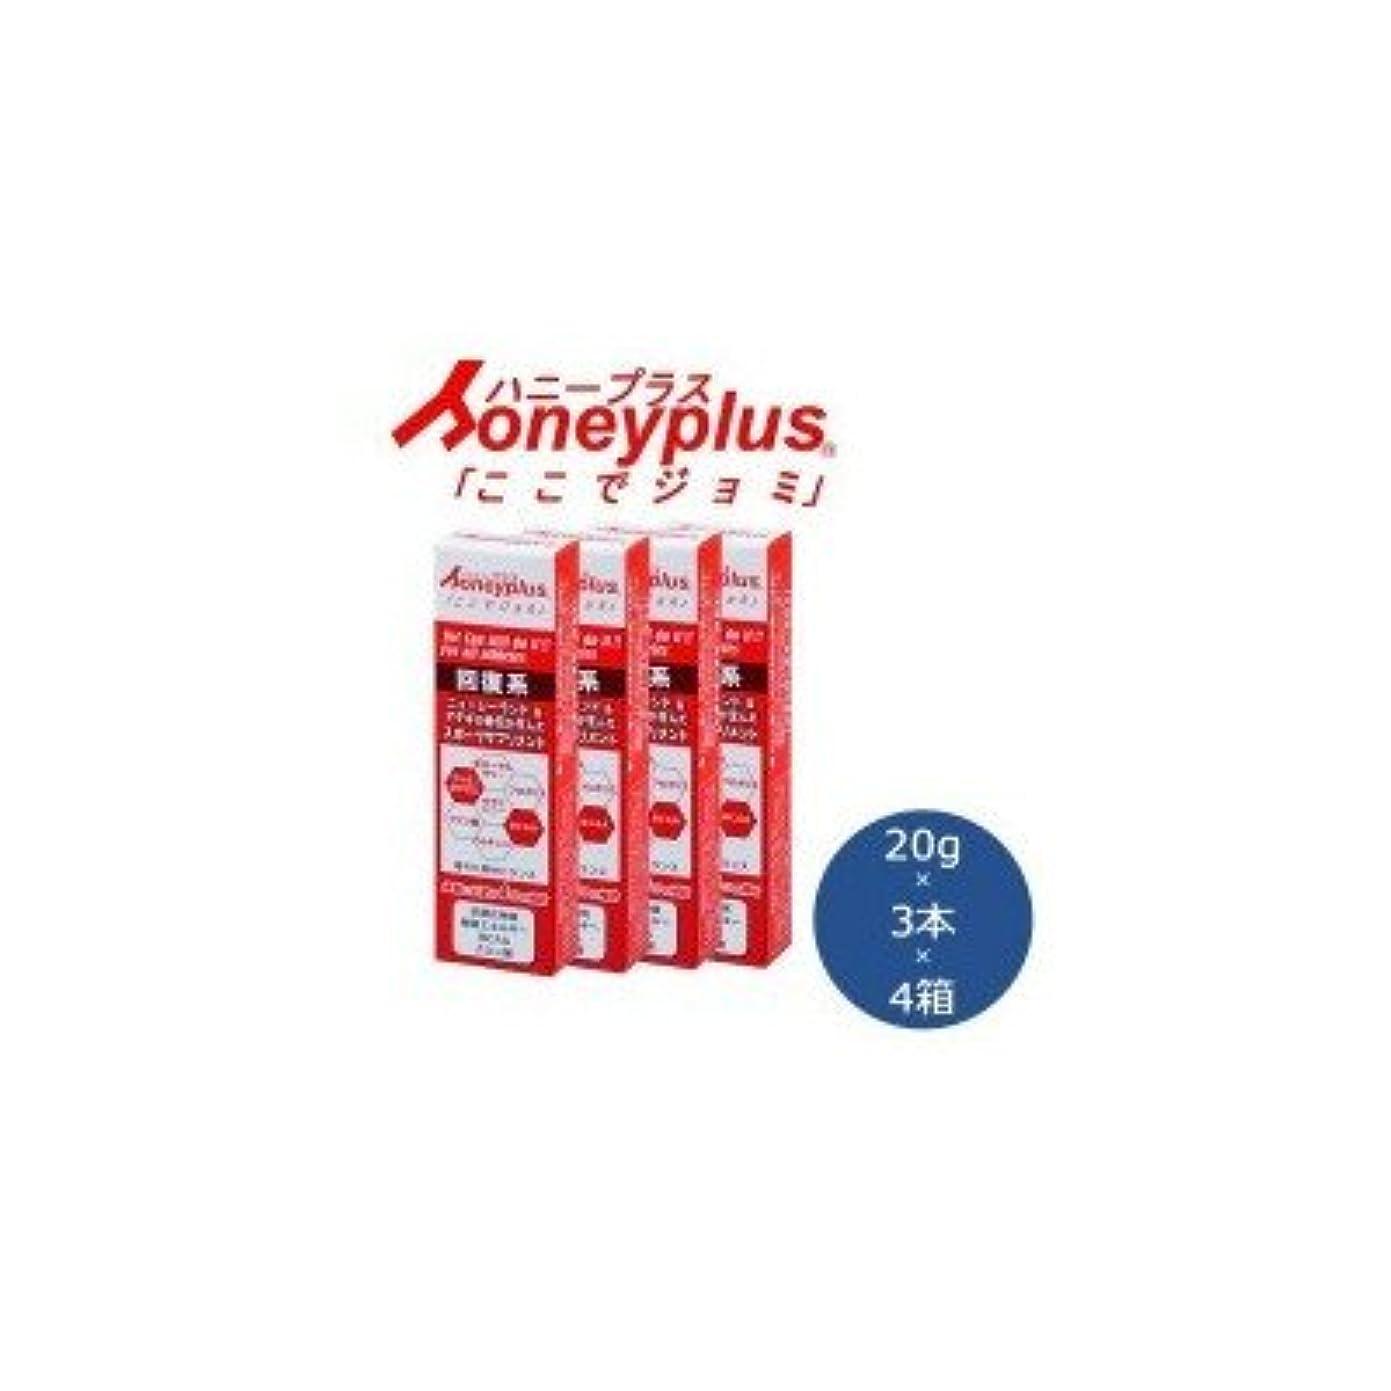 休戦集計遊具Honeyplus「ここでジョミ」3本入 4箱セット アスリートも愛飲 回復系スポーツサプリメント